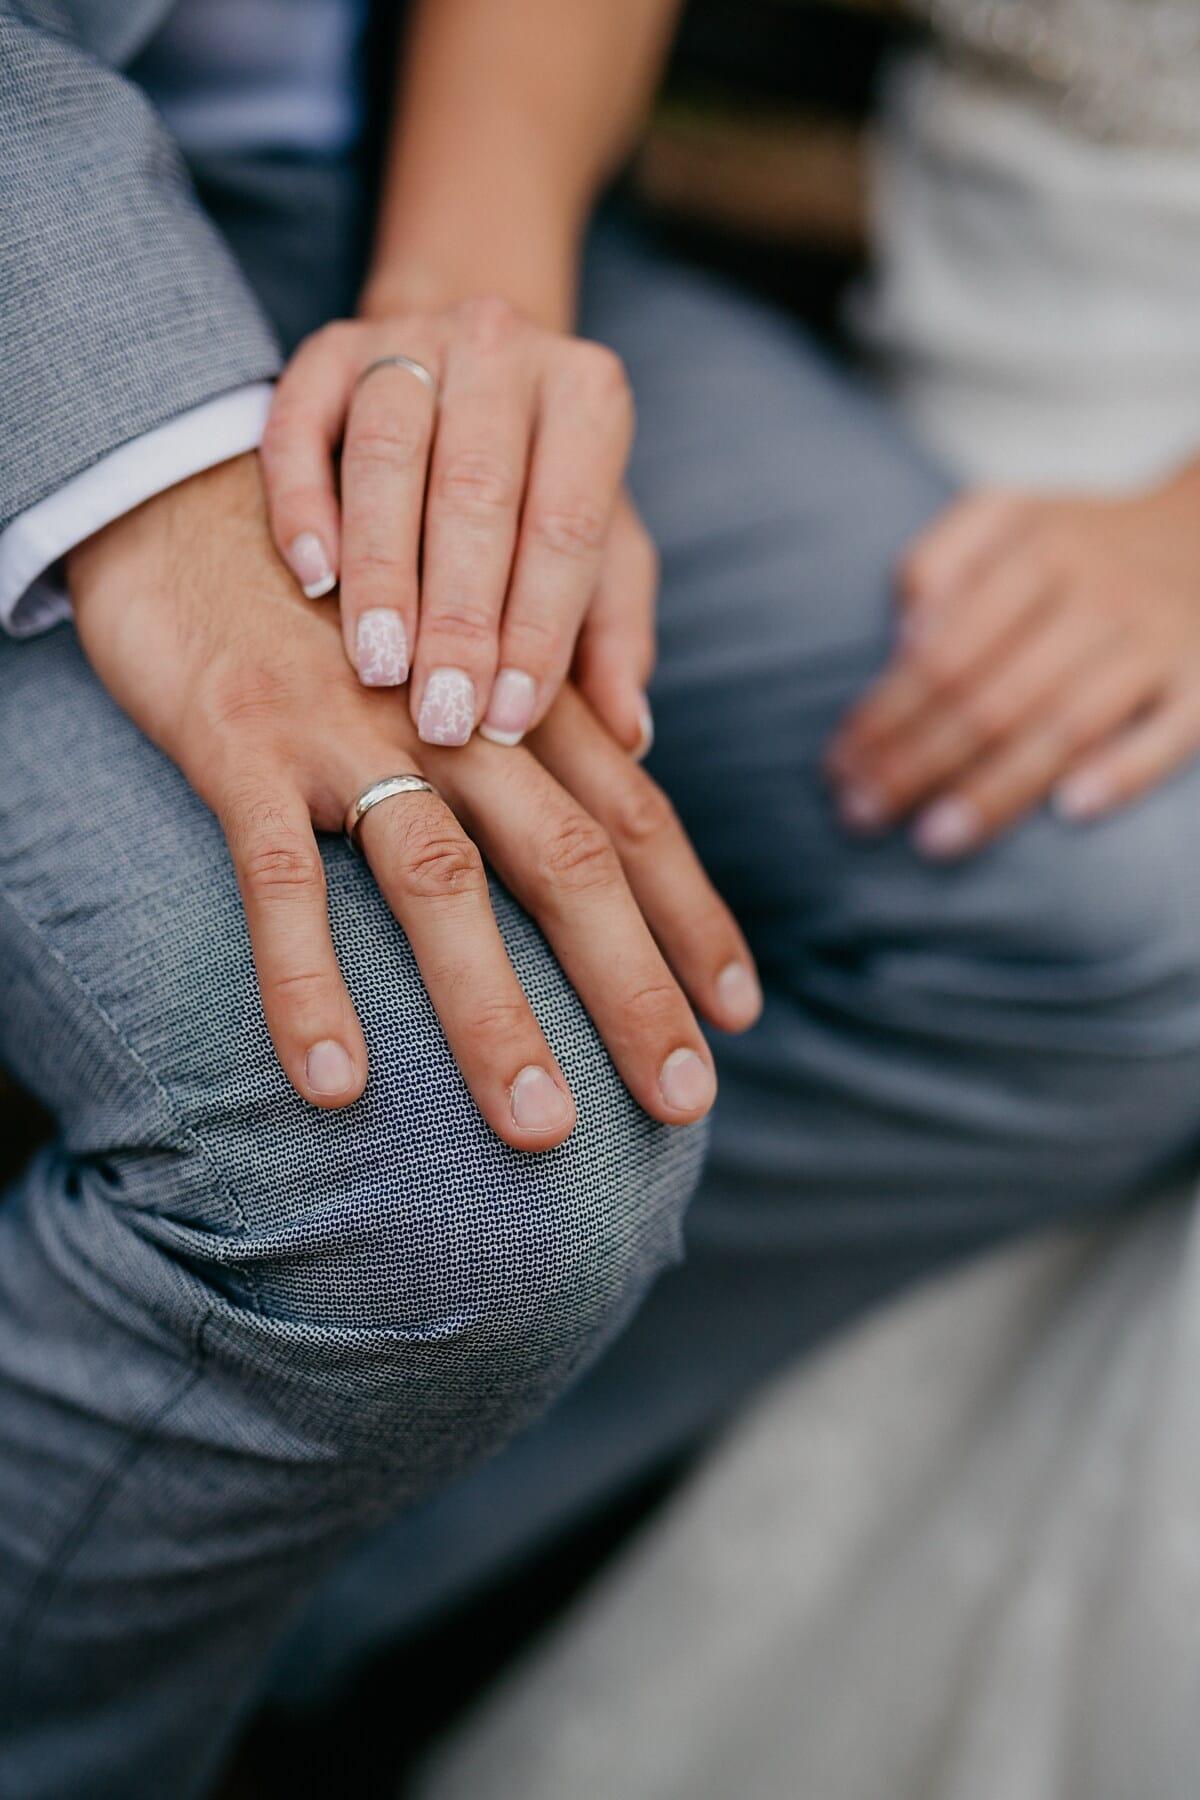 doigt, main dans la main, anneaux, mains, main, femme, amour, convivialité, homme, Touch